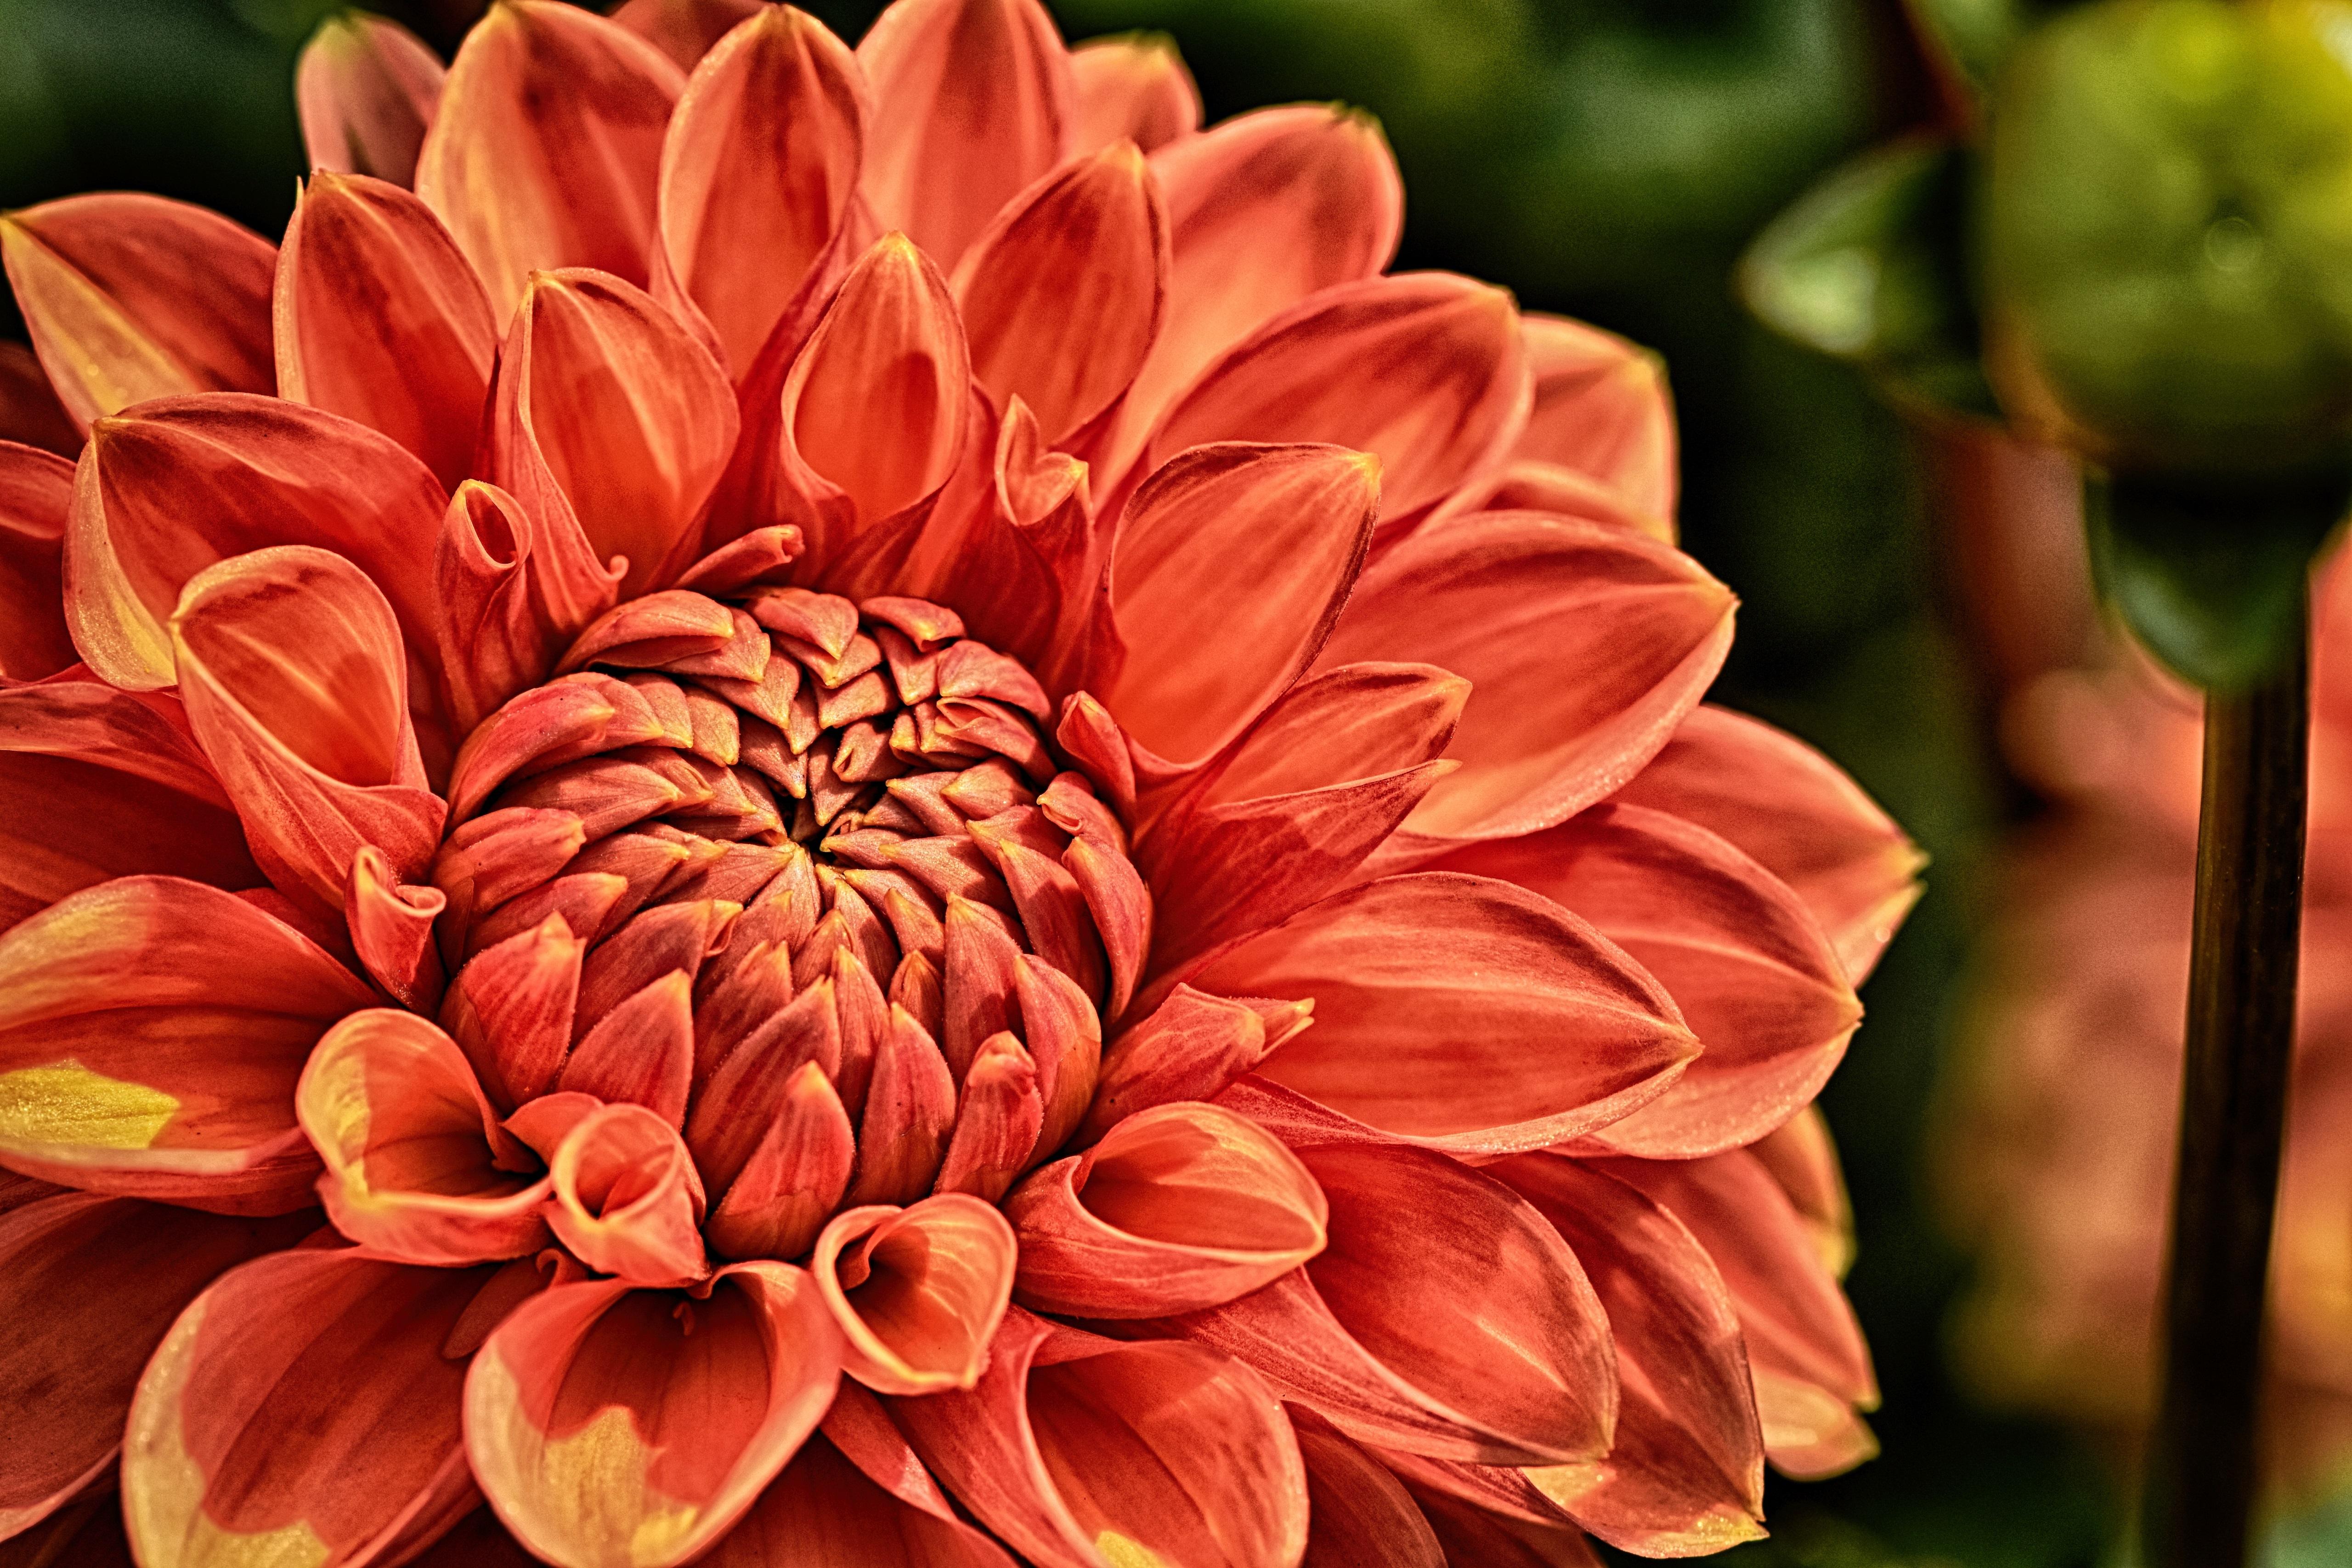 dahlia, flower, blossom, 4k, 5k, hd, widescreen, wallpaper